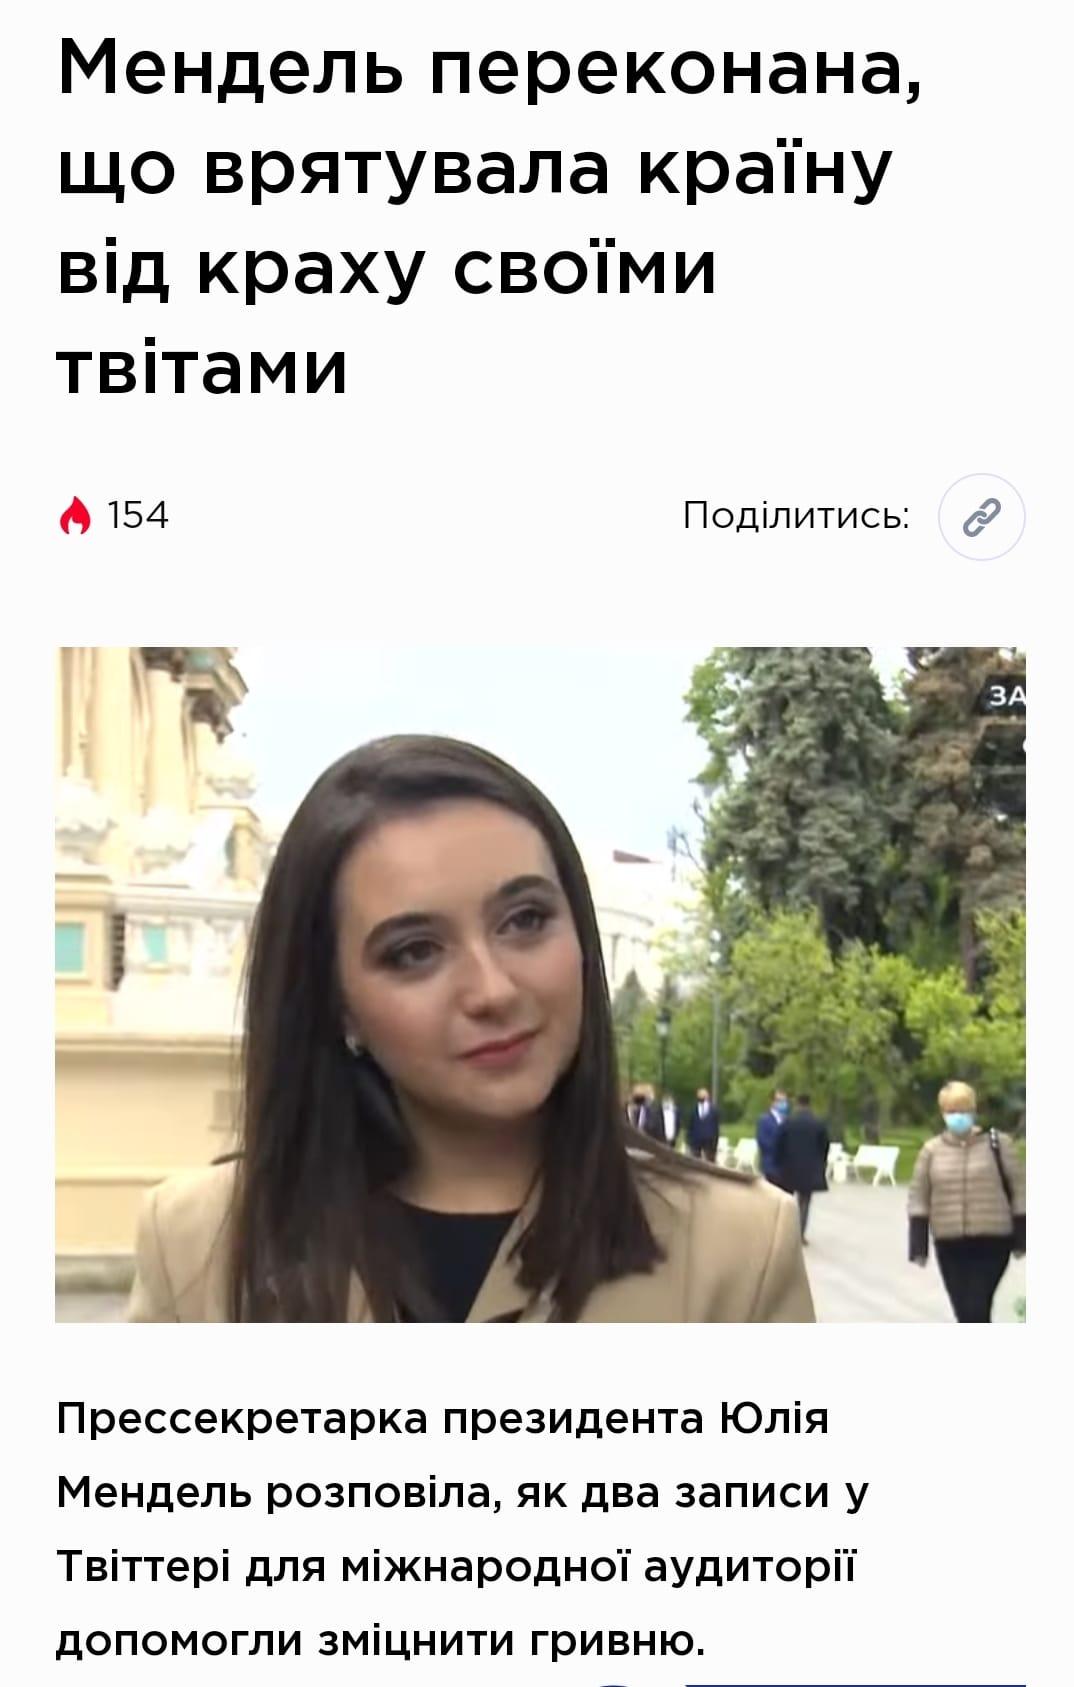 Юля Мендель спасла гривну двумя твитами